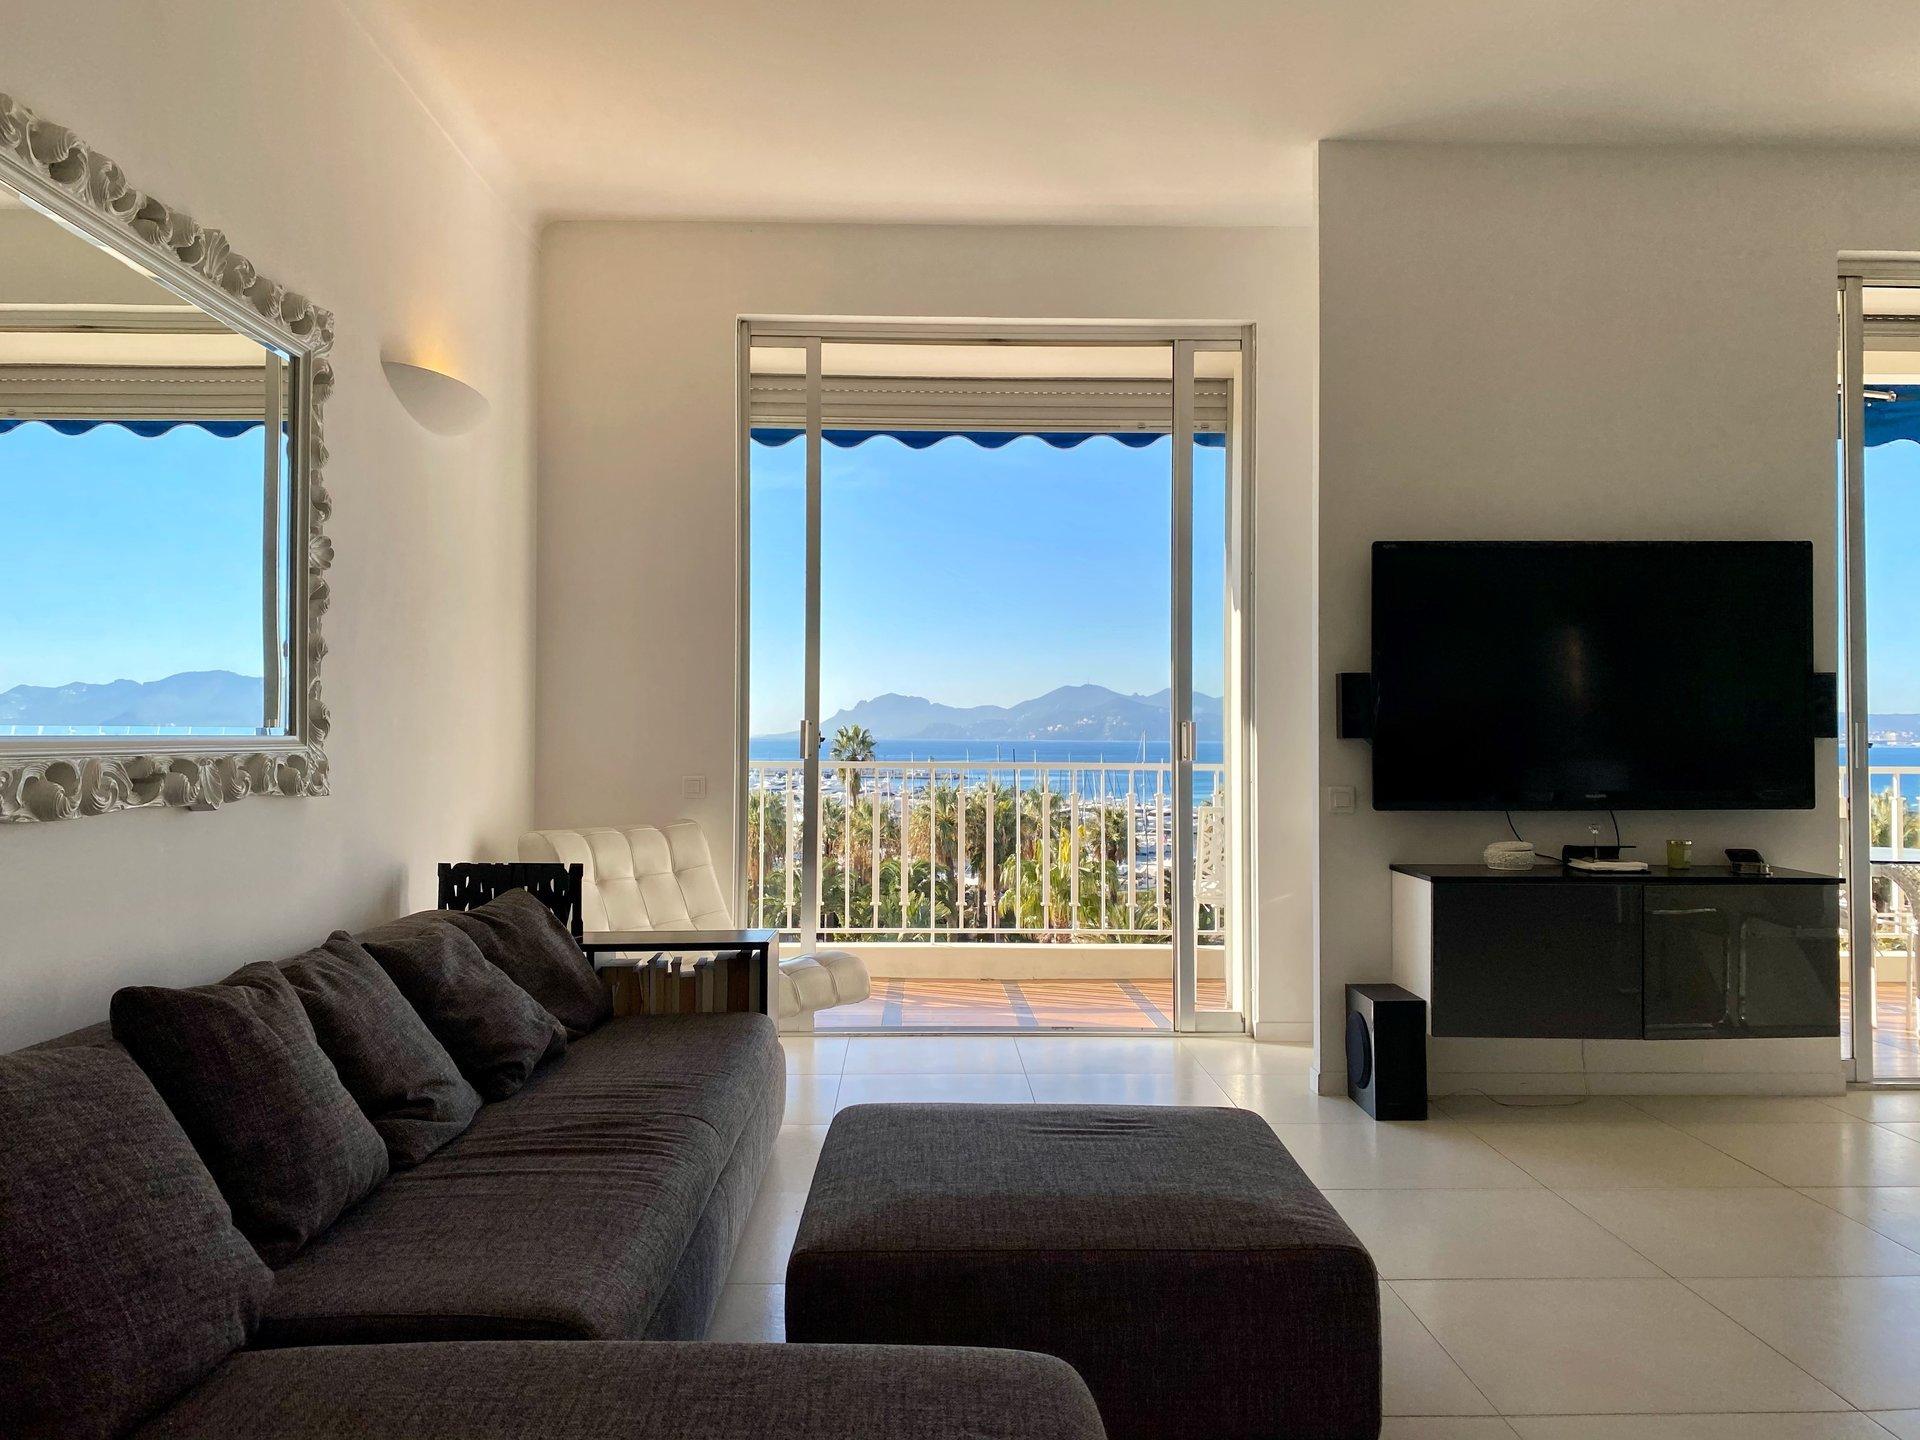 A vendre - 4 pièces vue mer panoramique - Cannes Croisette